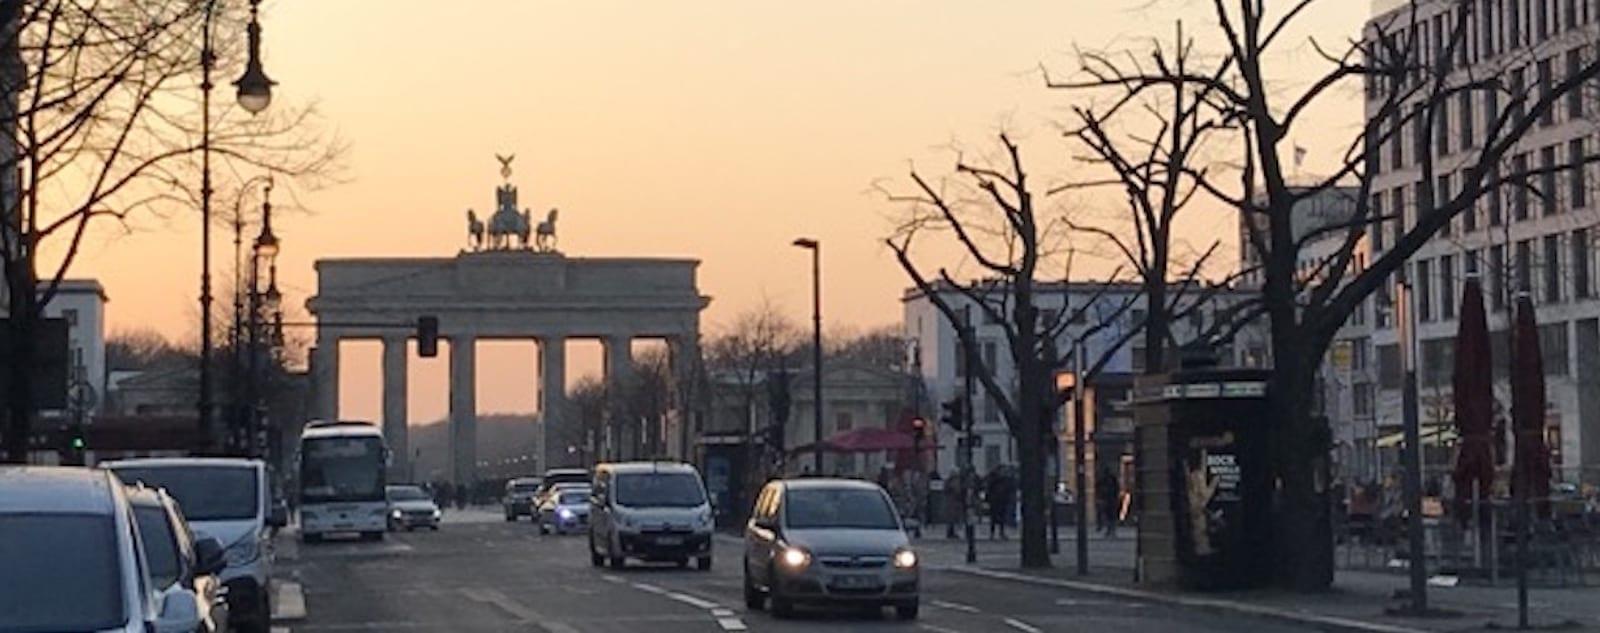 Brandenburg Gate open